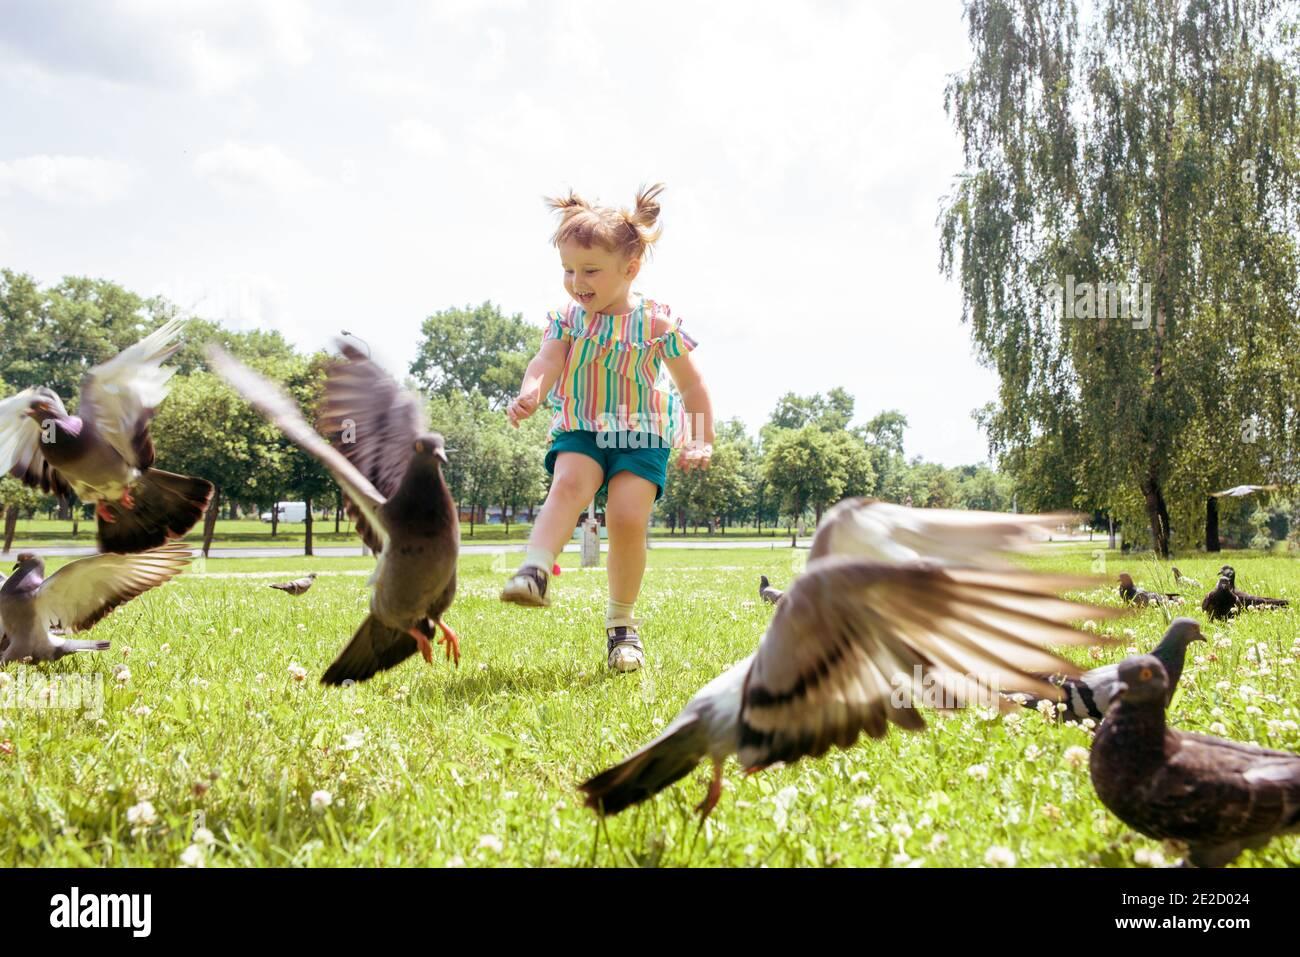 Petite fille scares pigeons jeu amusant été. Écologie, court sur l'herbe dans le parc de la ville à l'extérieur, style de vie Banque D'Images